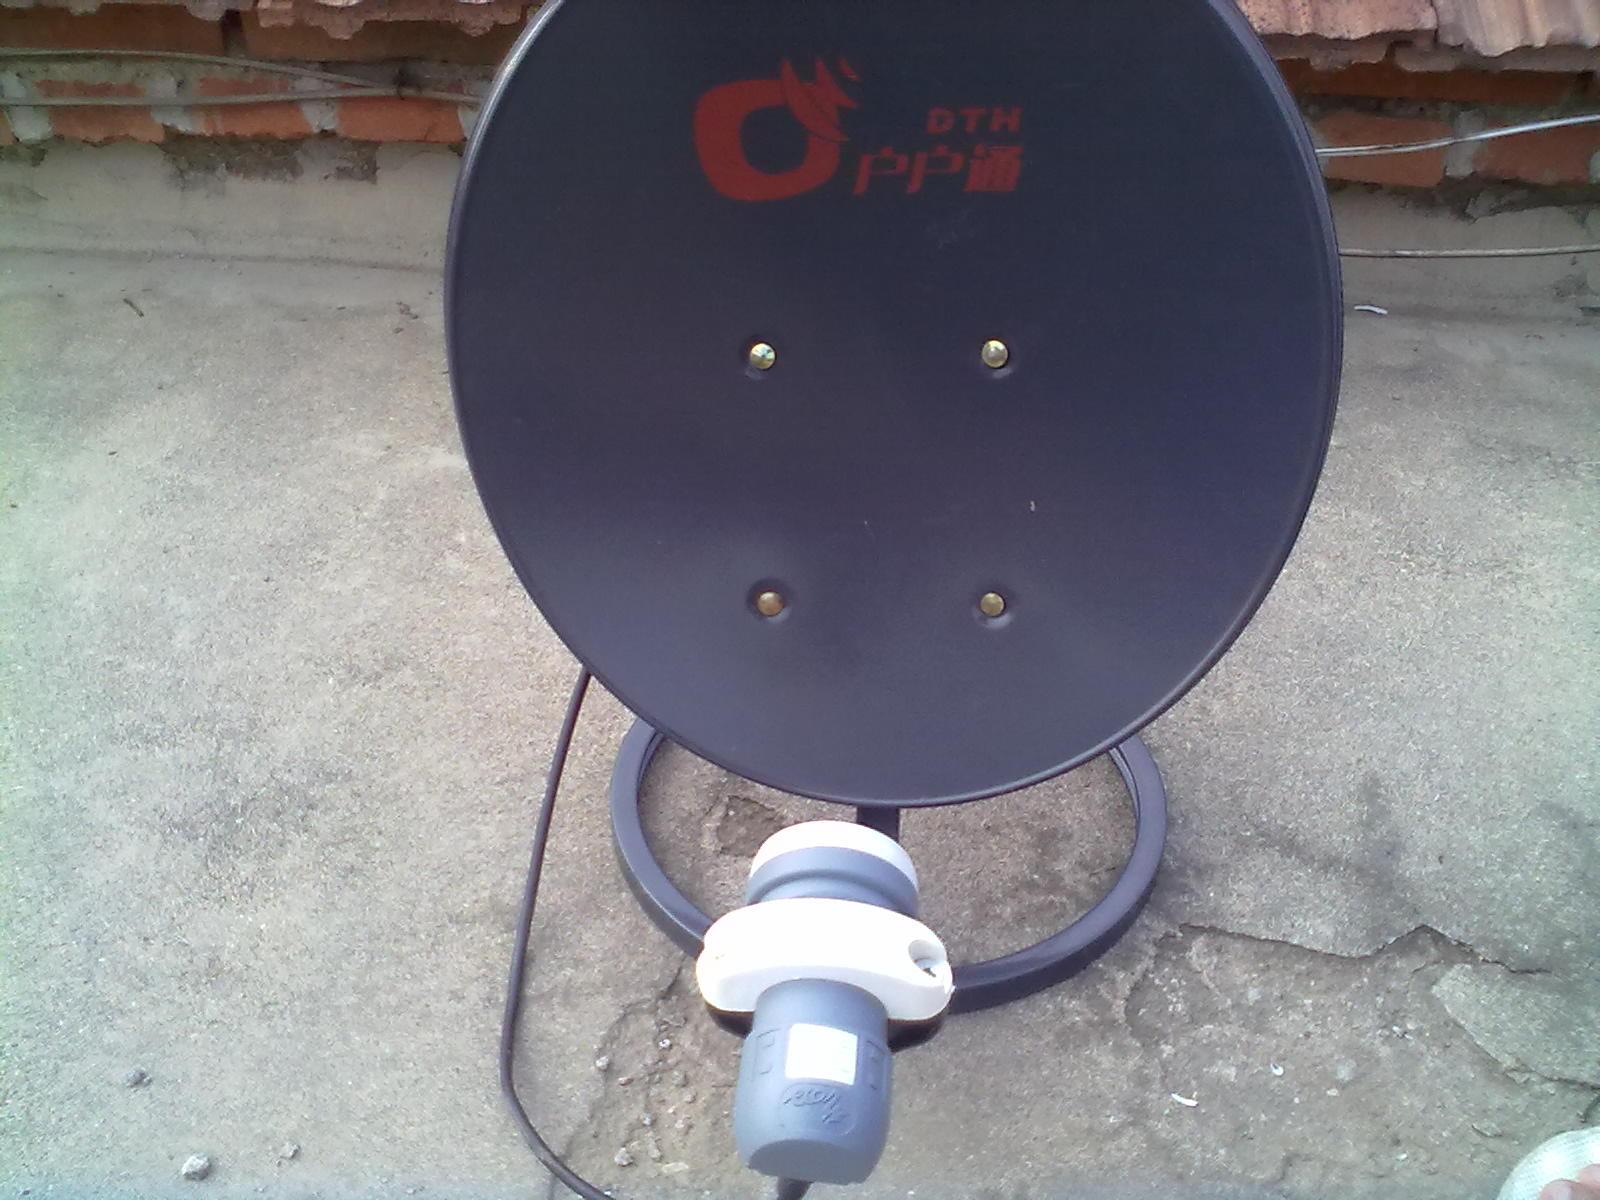 卫星锅高频头_卫星如何设置啊,小锅盖,信号强度是60,质量是0_百度知道